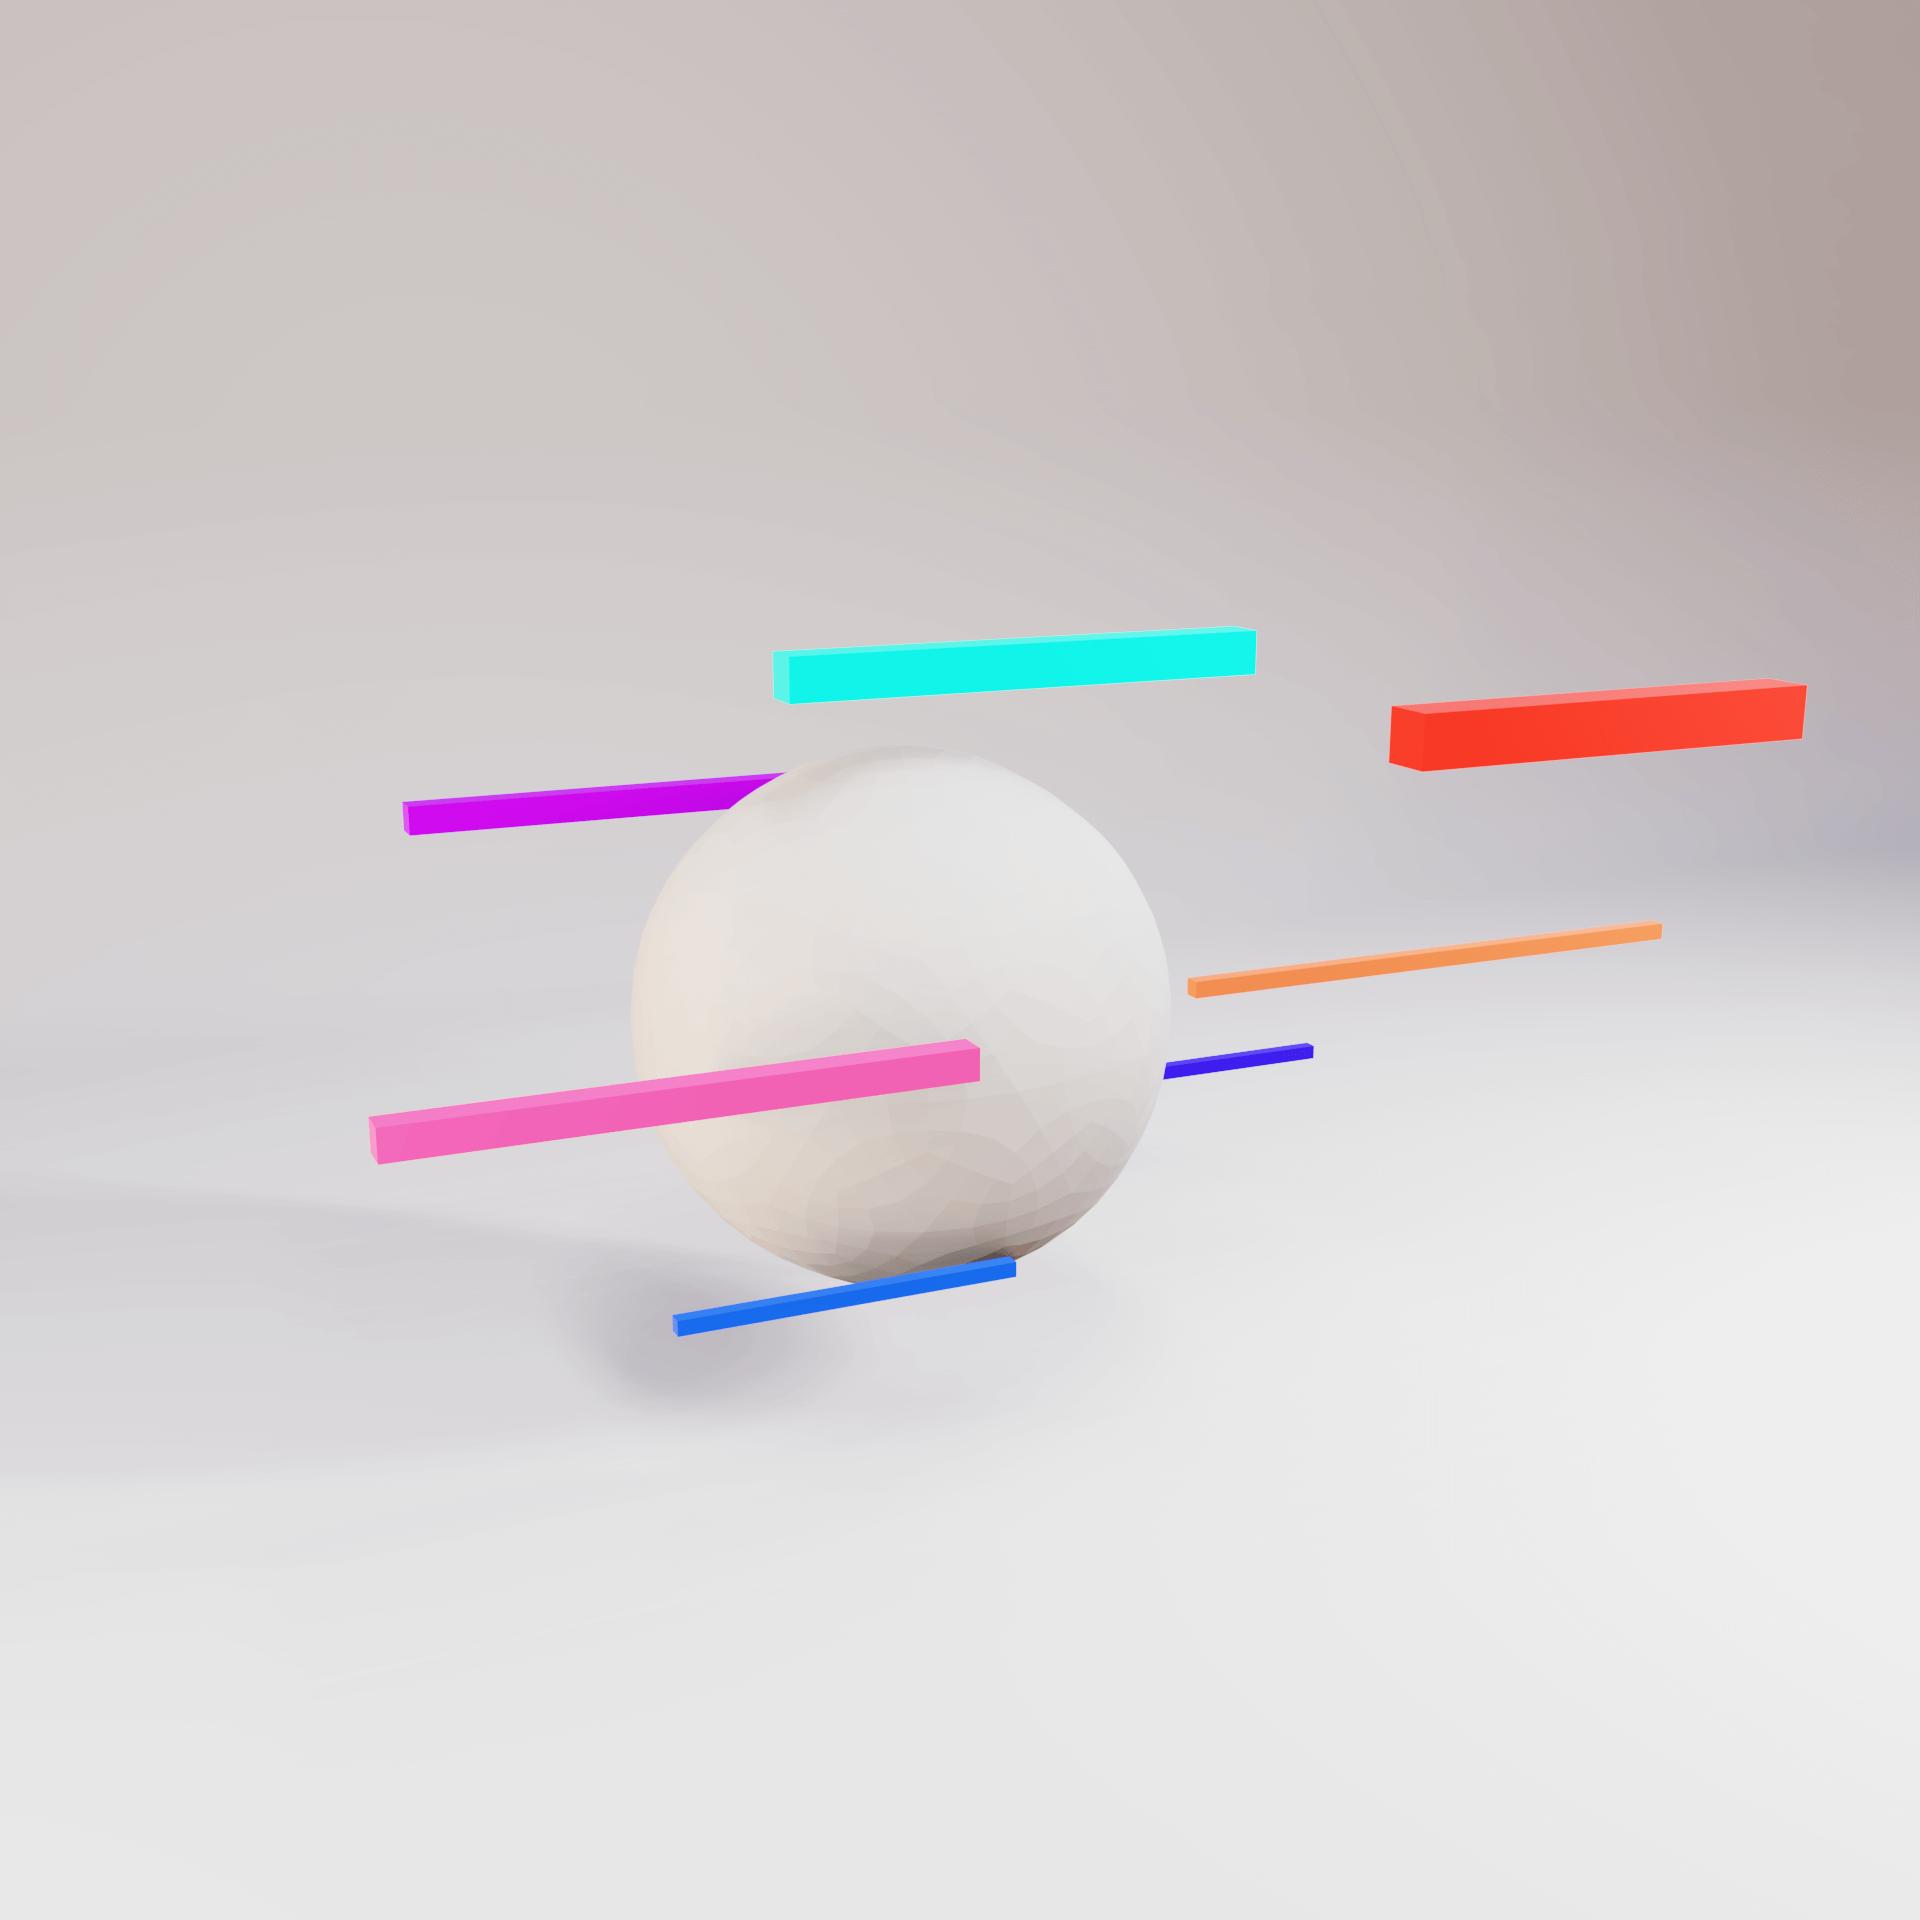 2020-09-17 21_41_57-Blender [D__work_Blender_03_key-light.blend]_render